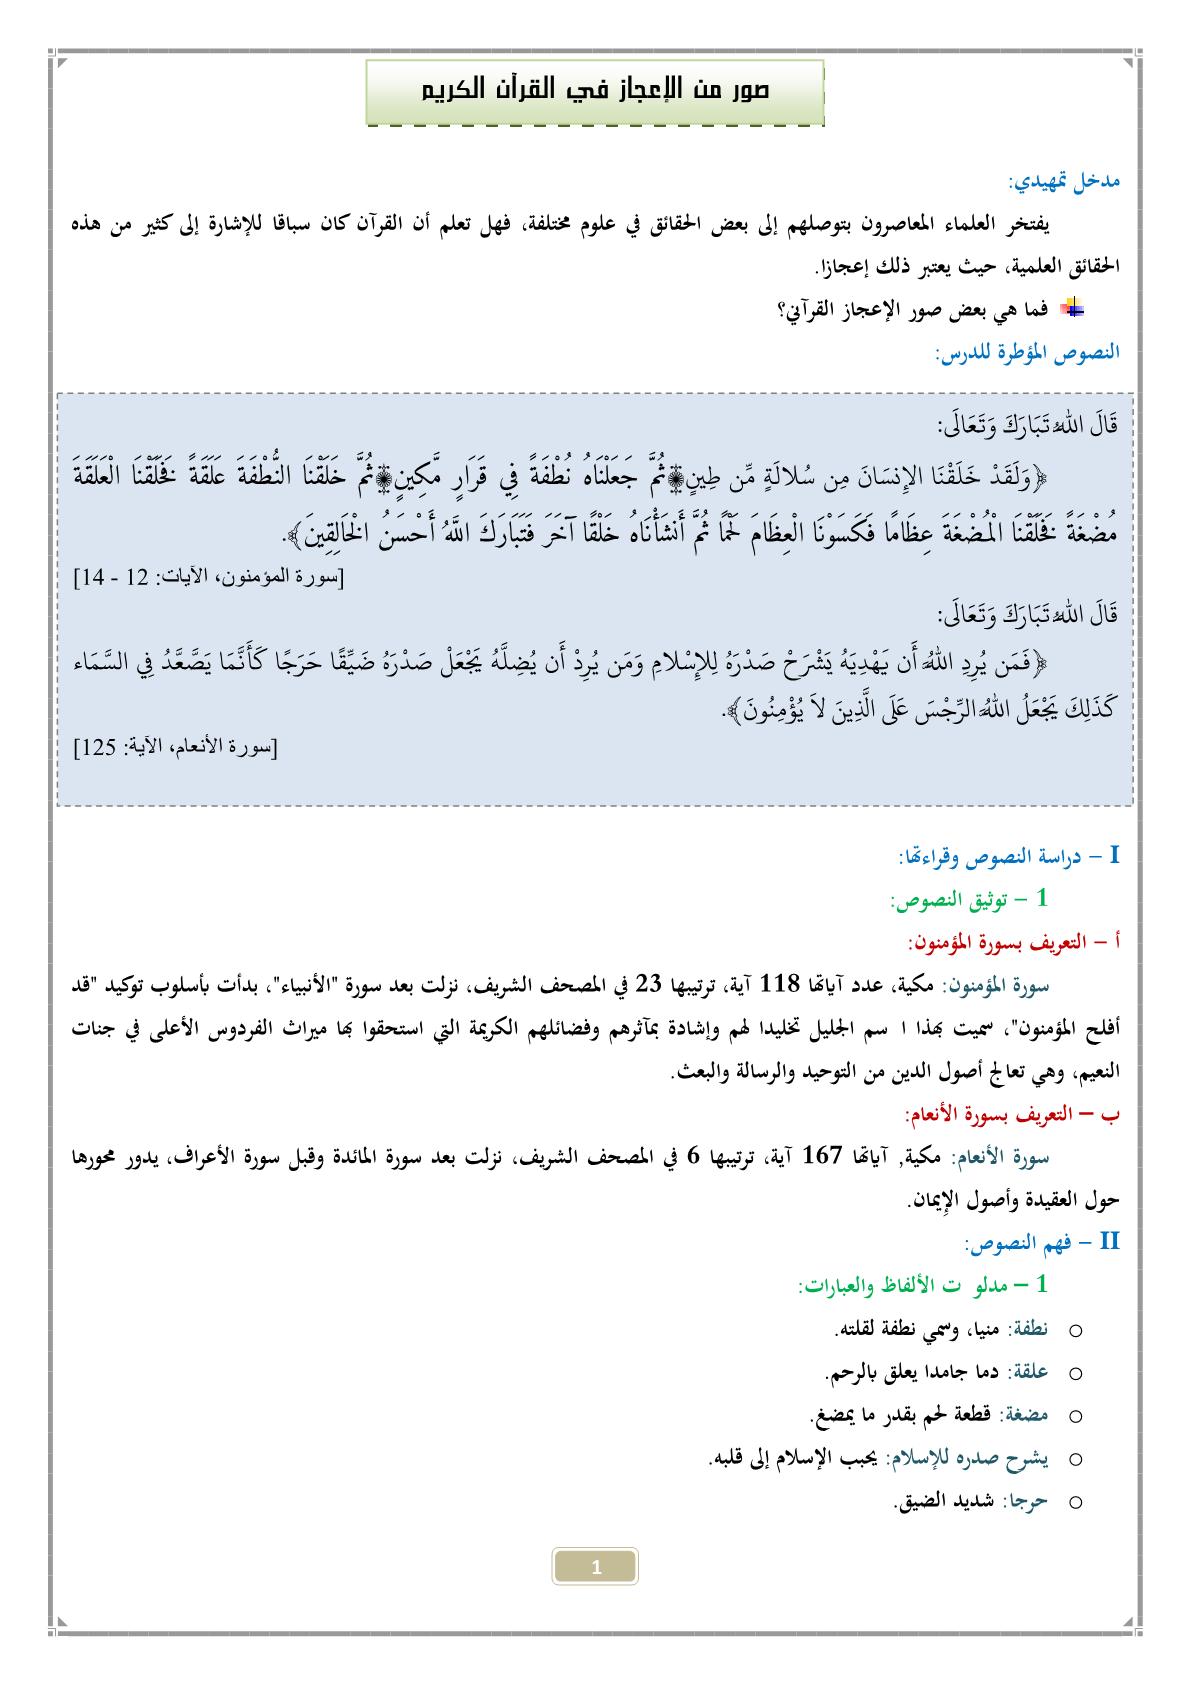 درس صور من الإعجاز في القرآن الكريم للسنة الثانية إعدادي